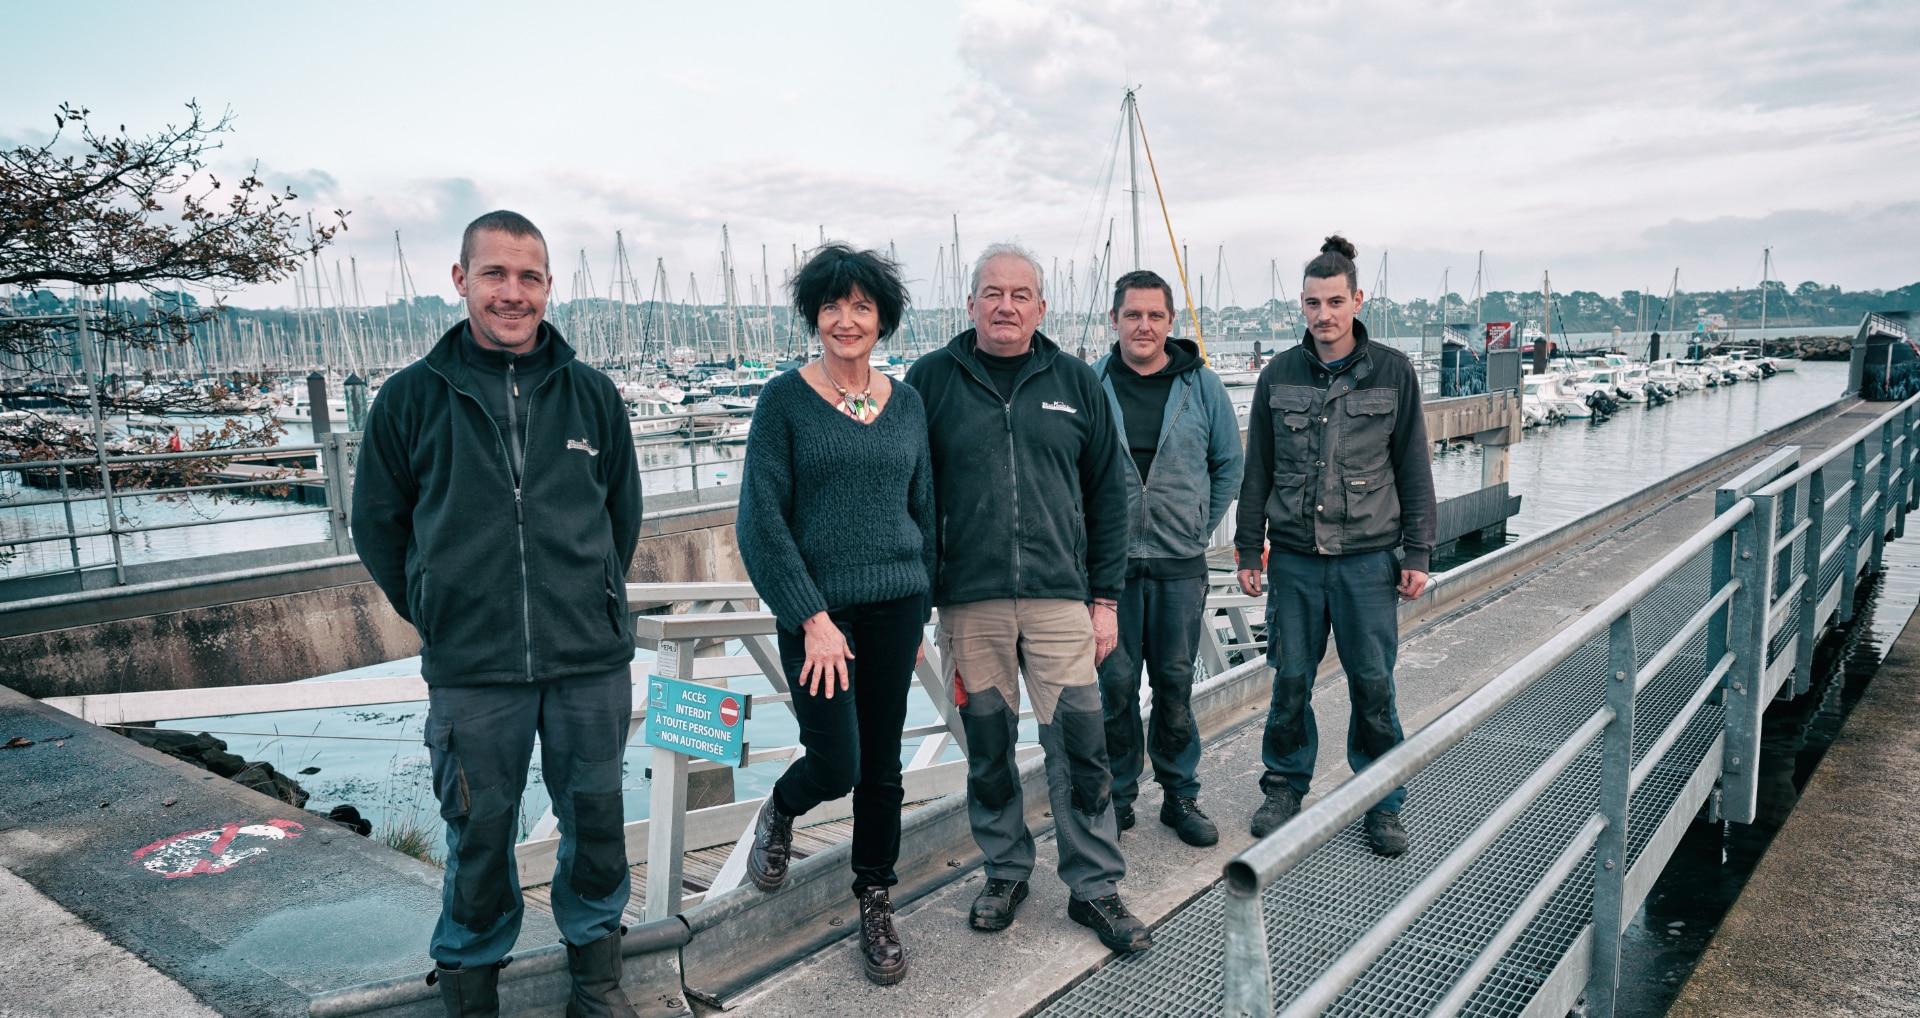 Brest marine services un mecanicien moteur pour votre bateau - Accueil